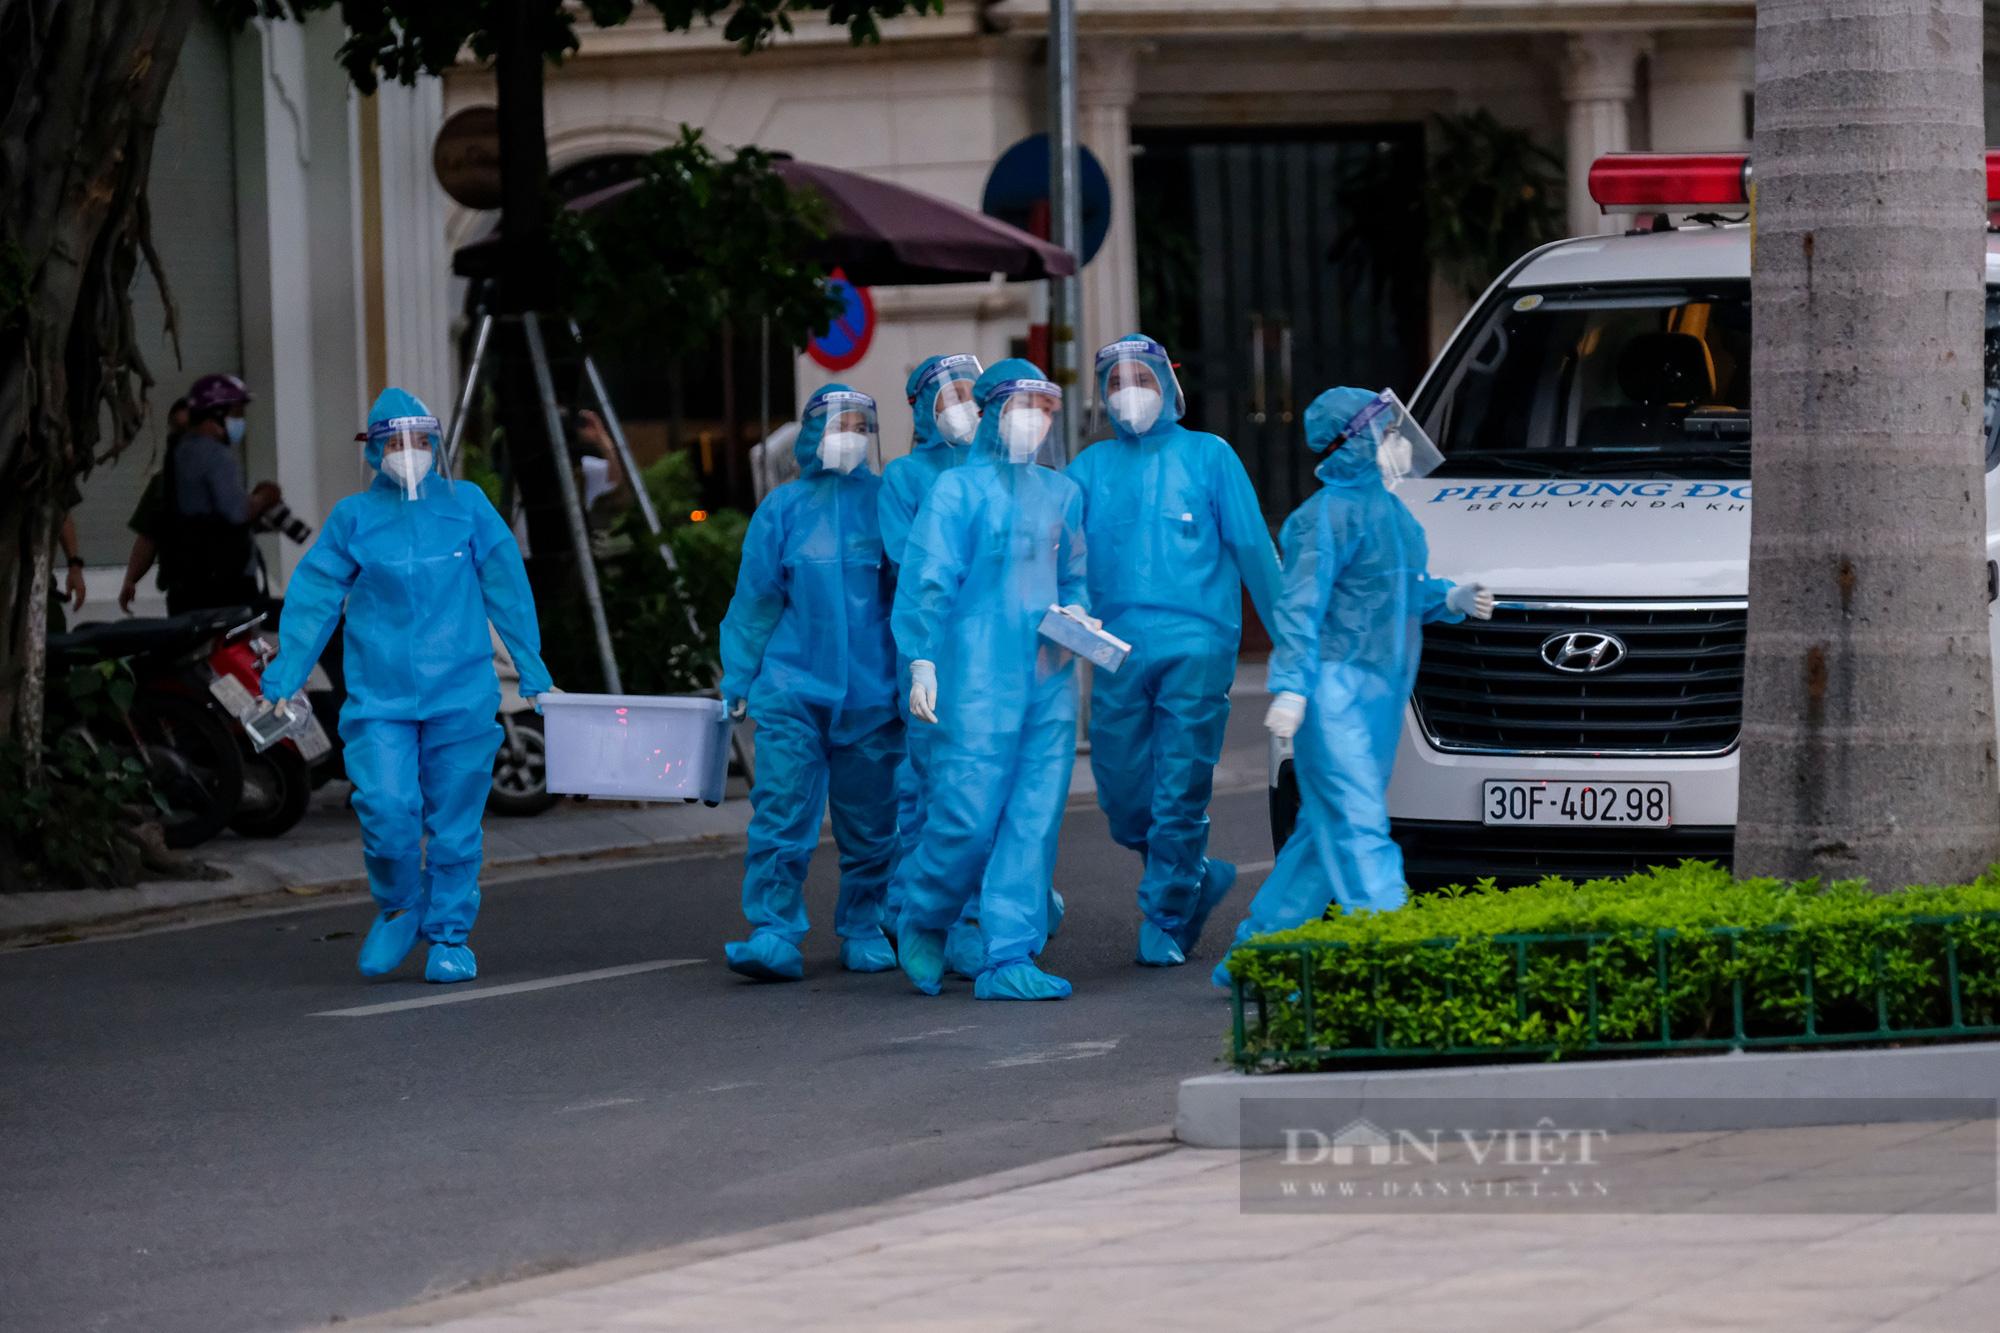 Khẩn trương truy vết người bị nghi nhiễm Covid-19 tại Vincom Bà Triệu - Ảnh 3.